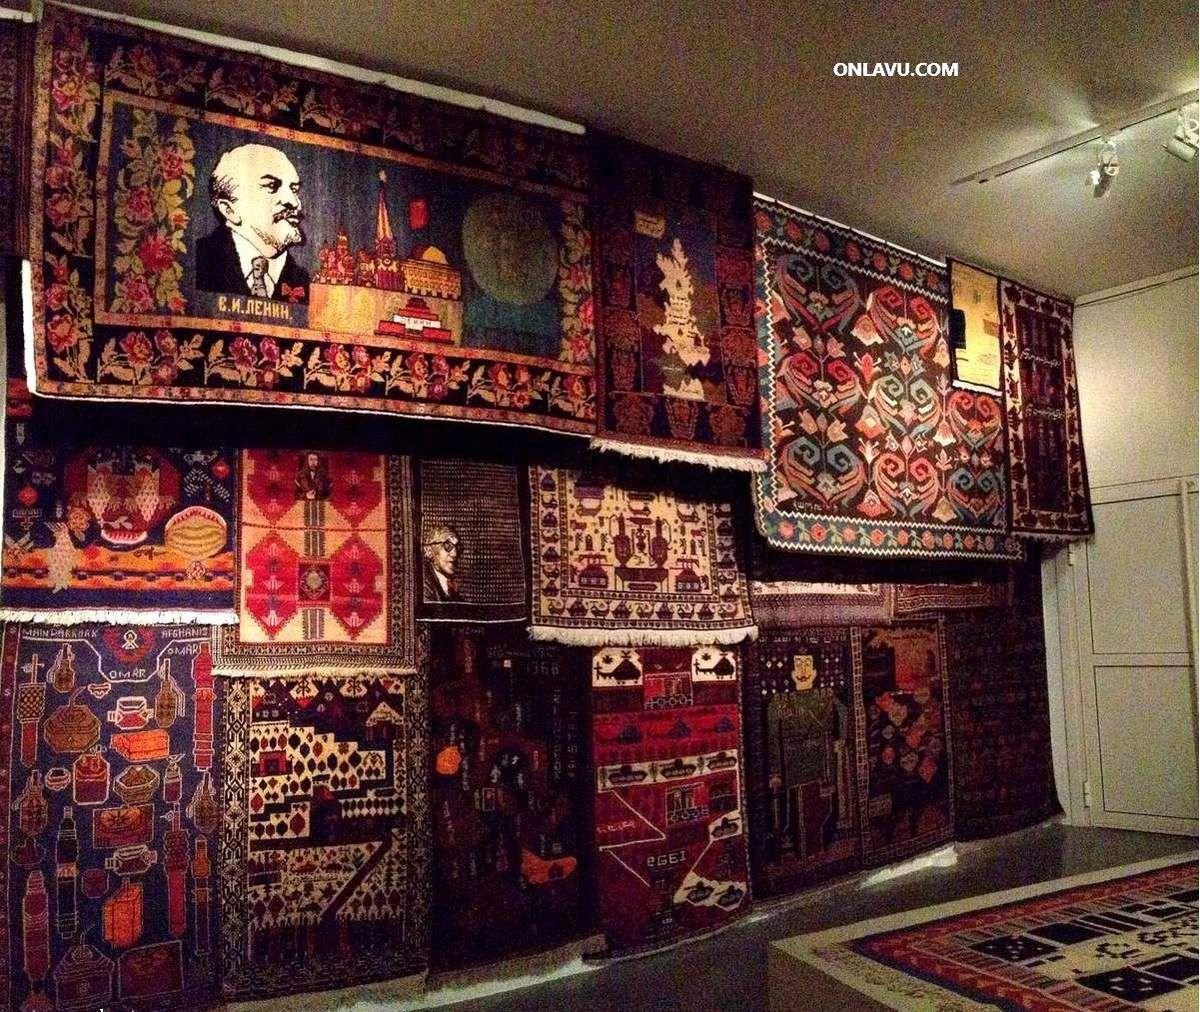 Musée d'Art Moderne de la Ville de Paris - ONLAVU.COM